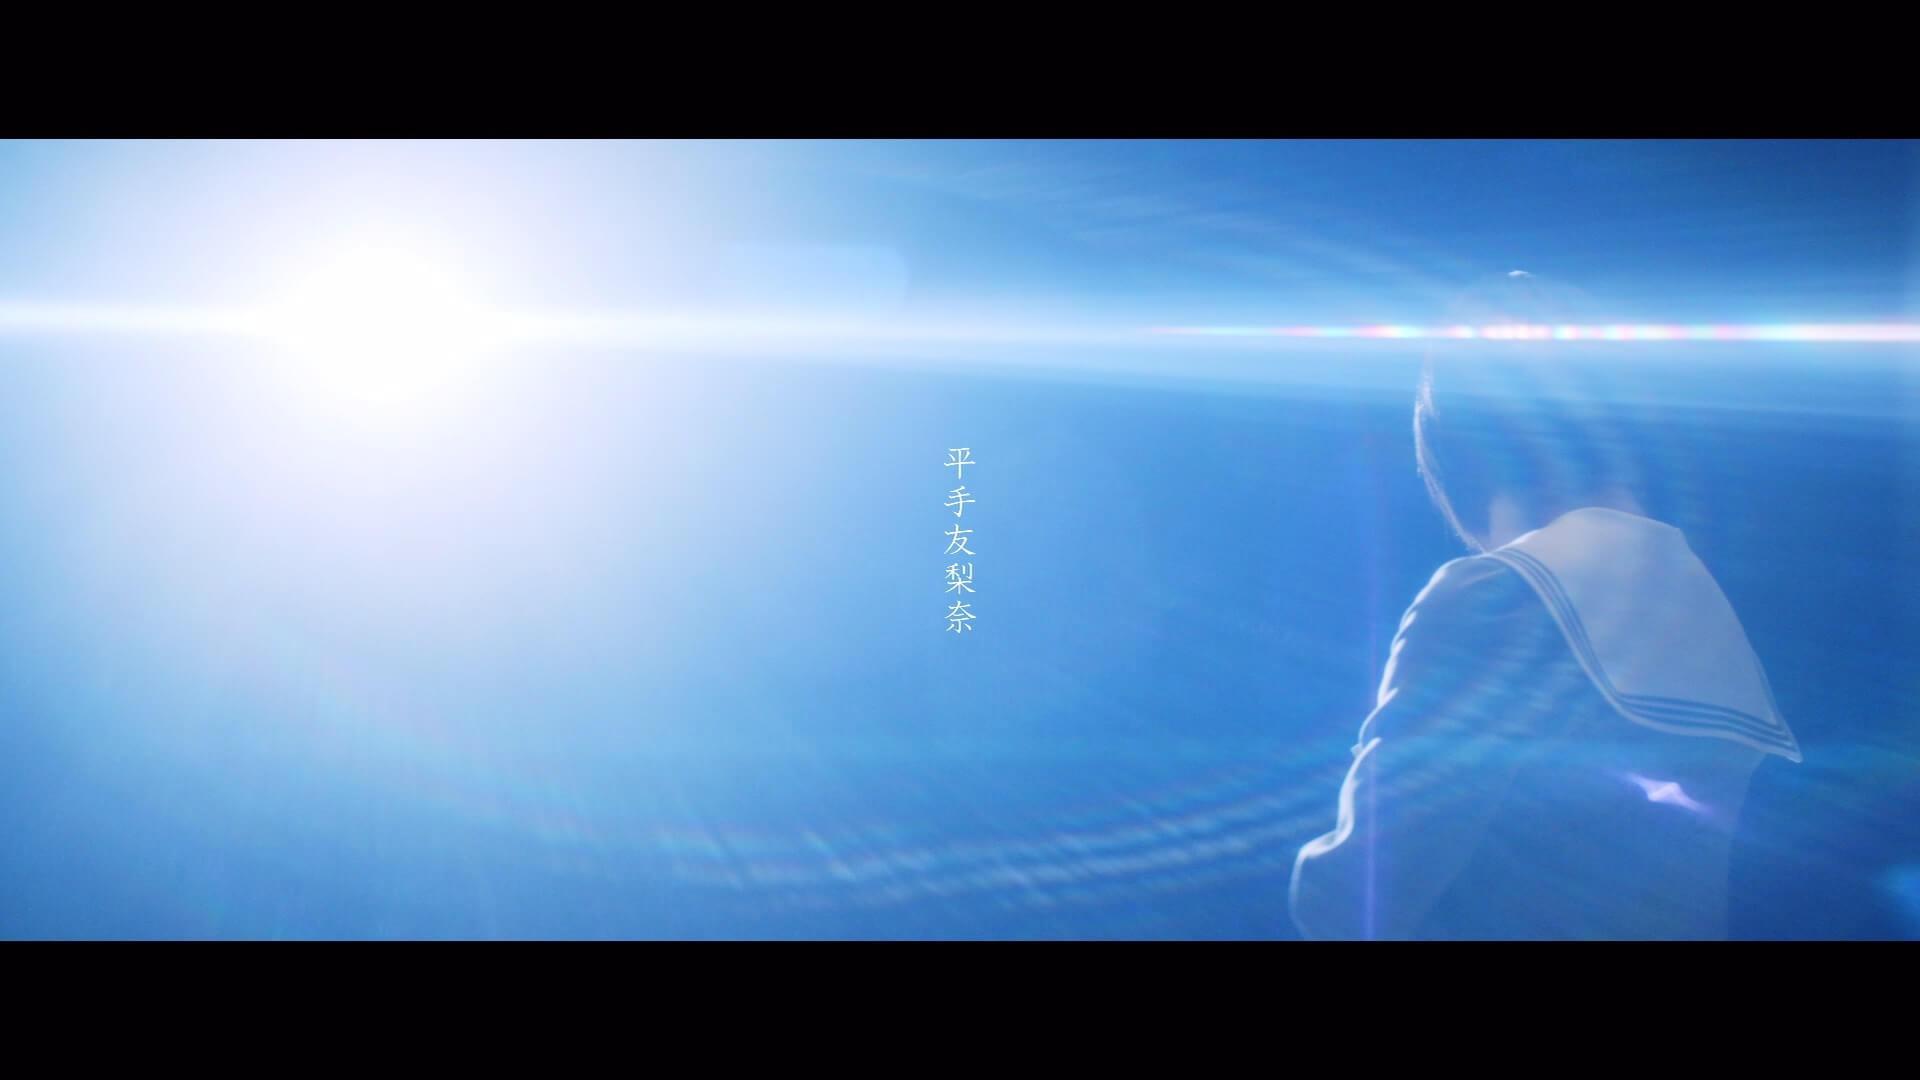 欅坂46平手友梨奈のソロ曲「角を曲がる」がストリーミングサービス限定で配信開始 2_thumbnail